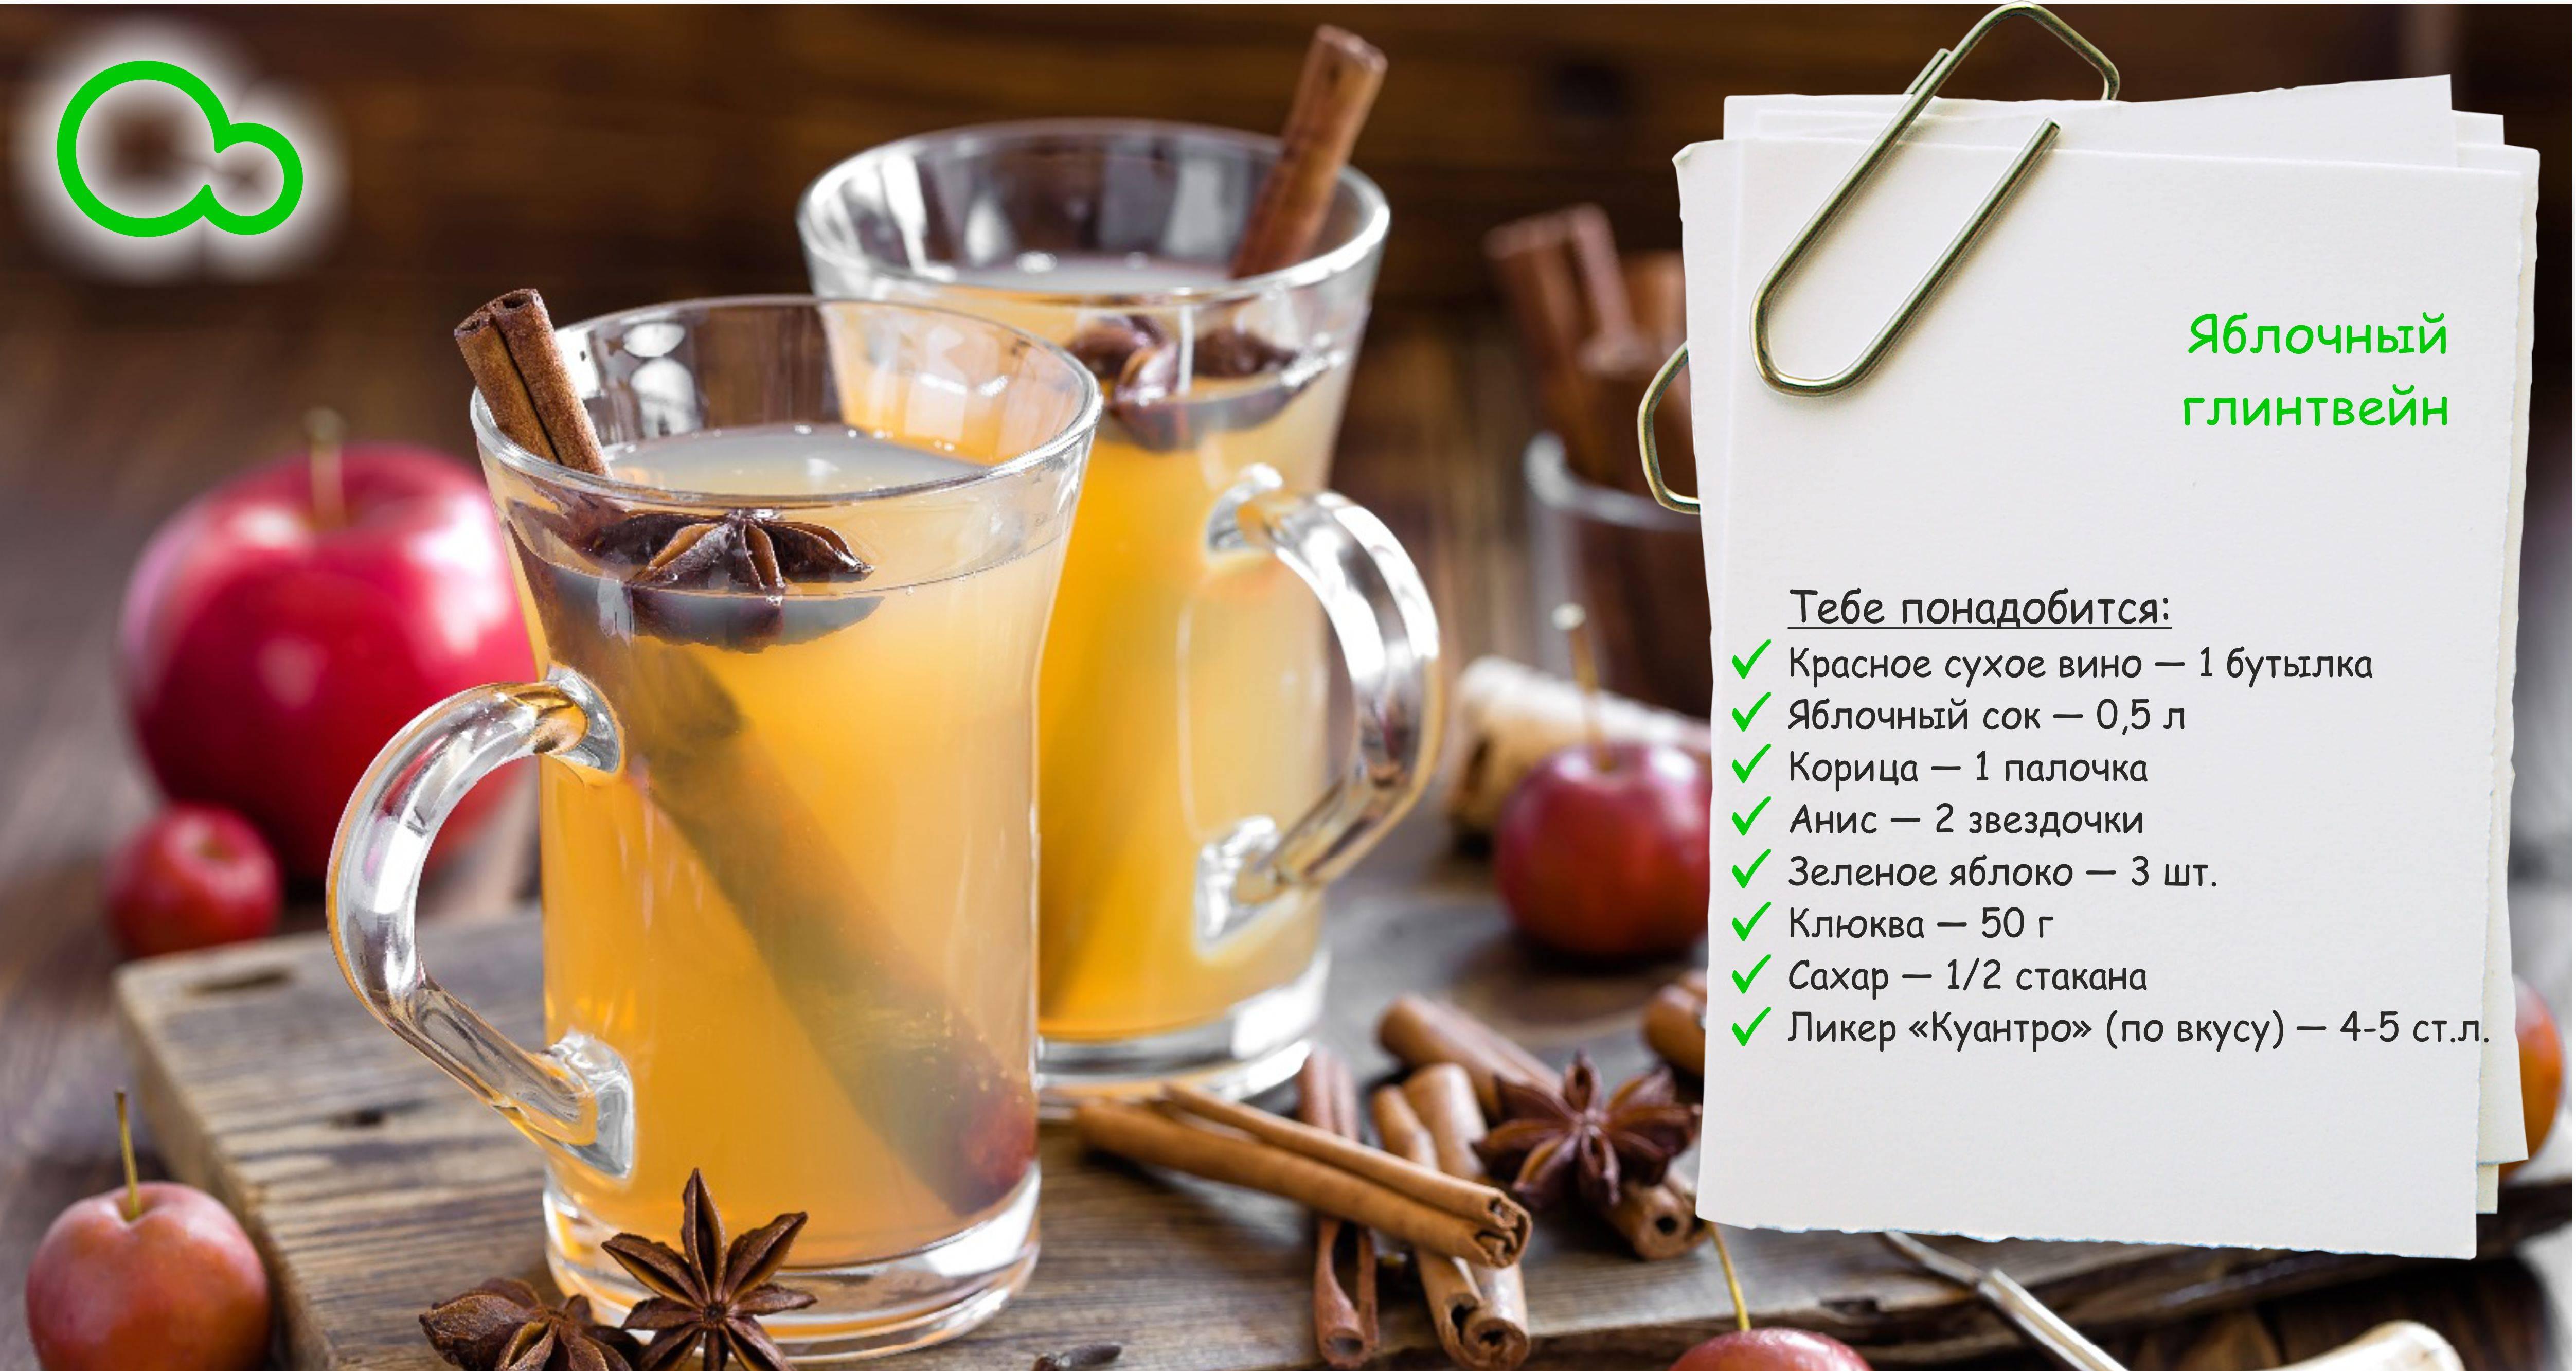 Рецепты безалкогольного глинтвейна в домашних условиях